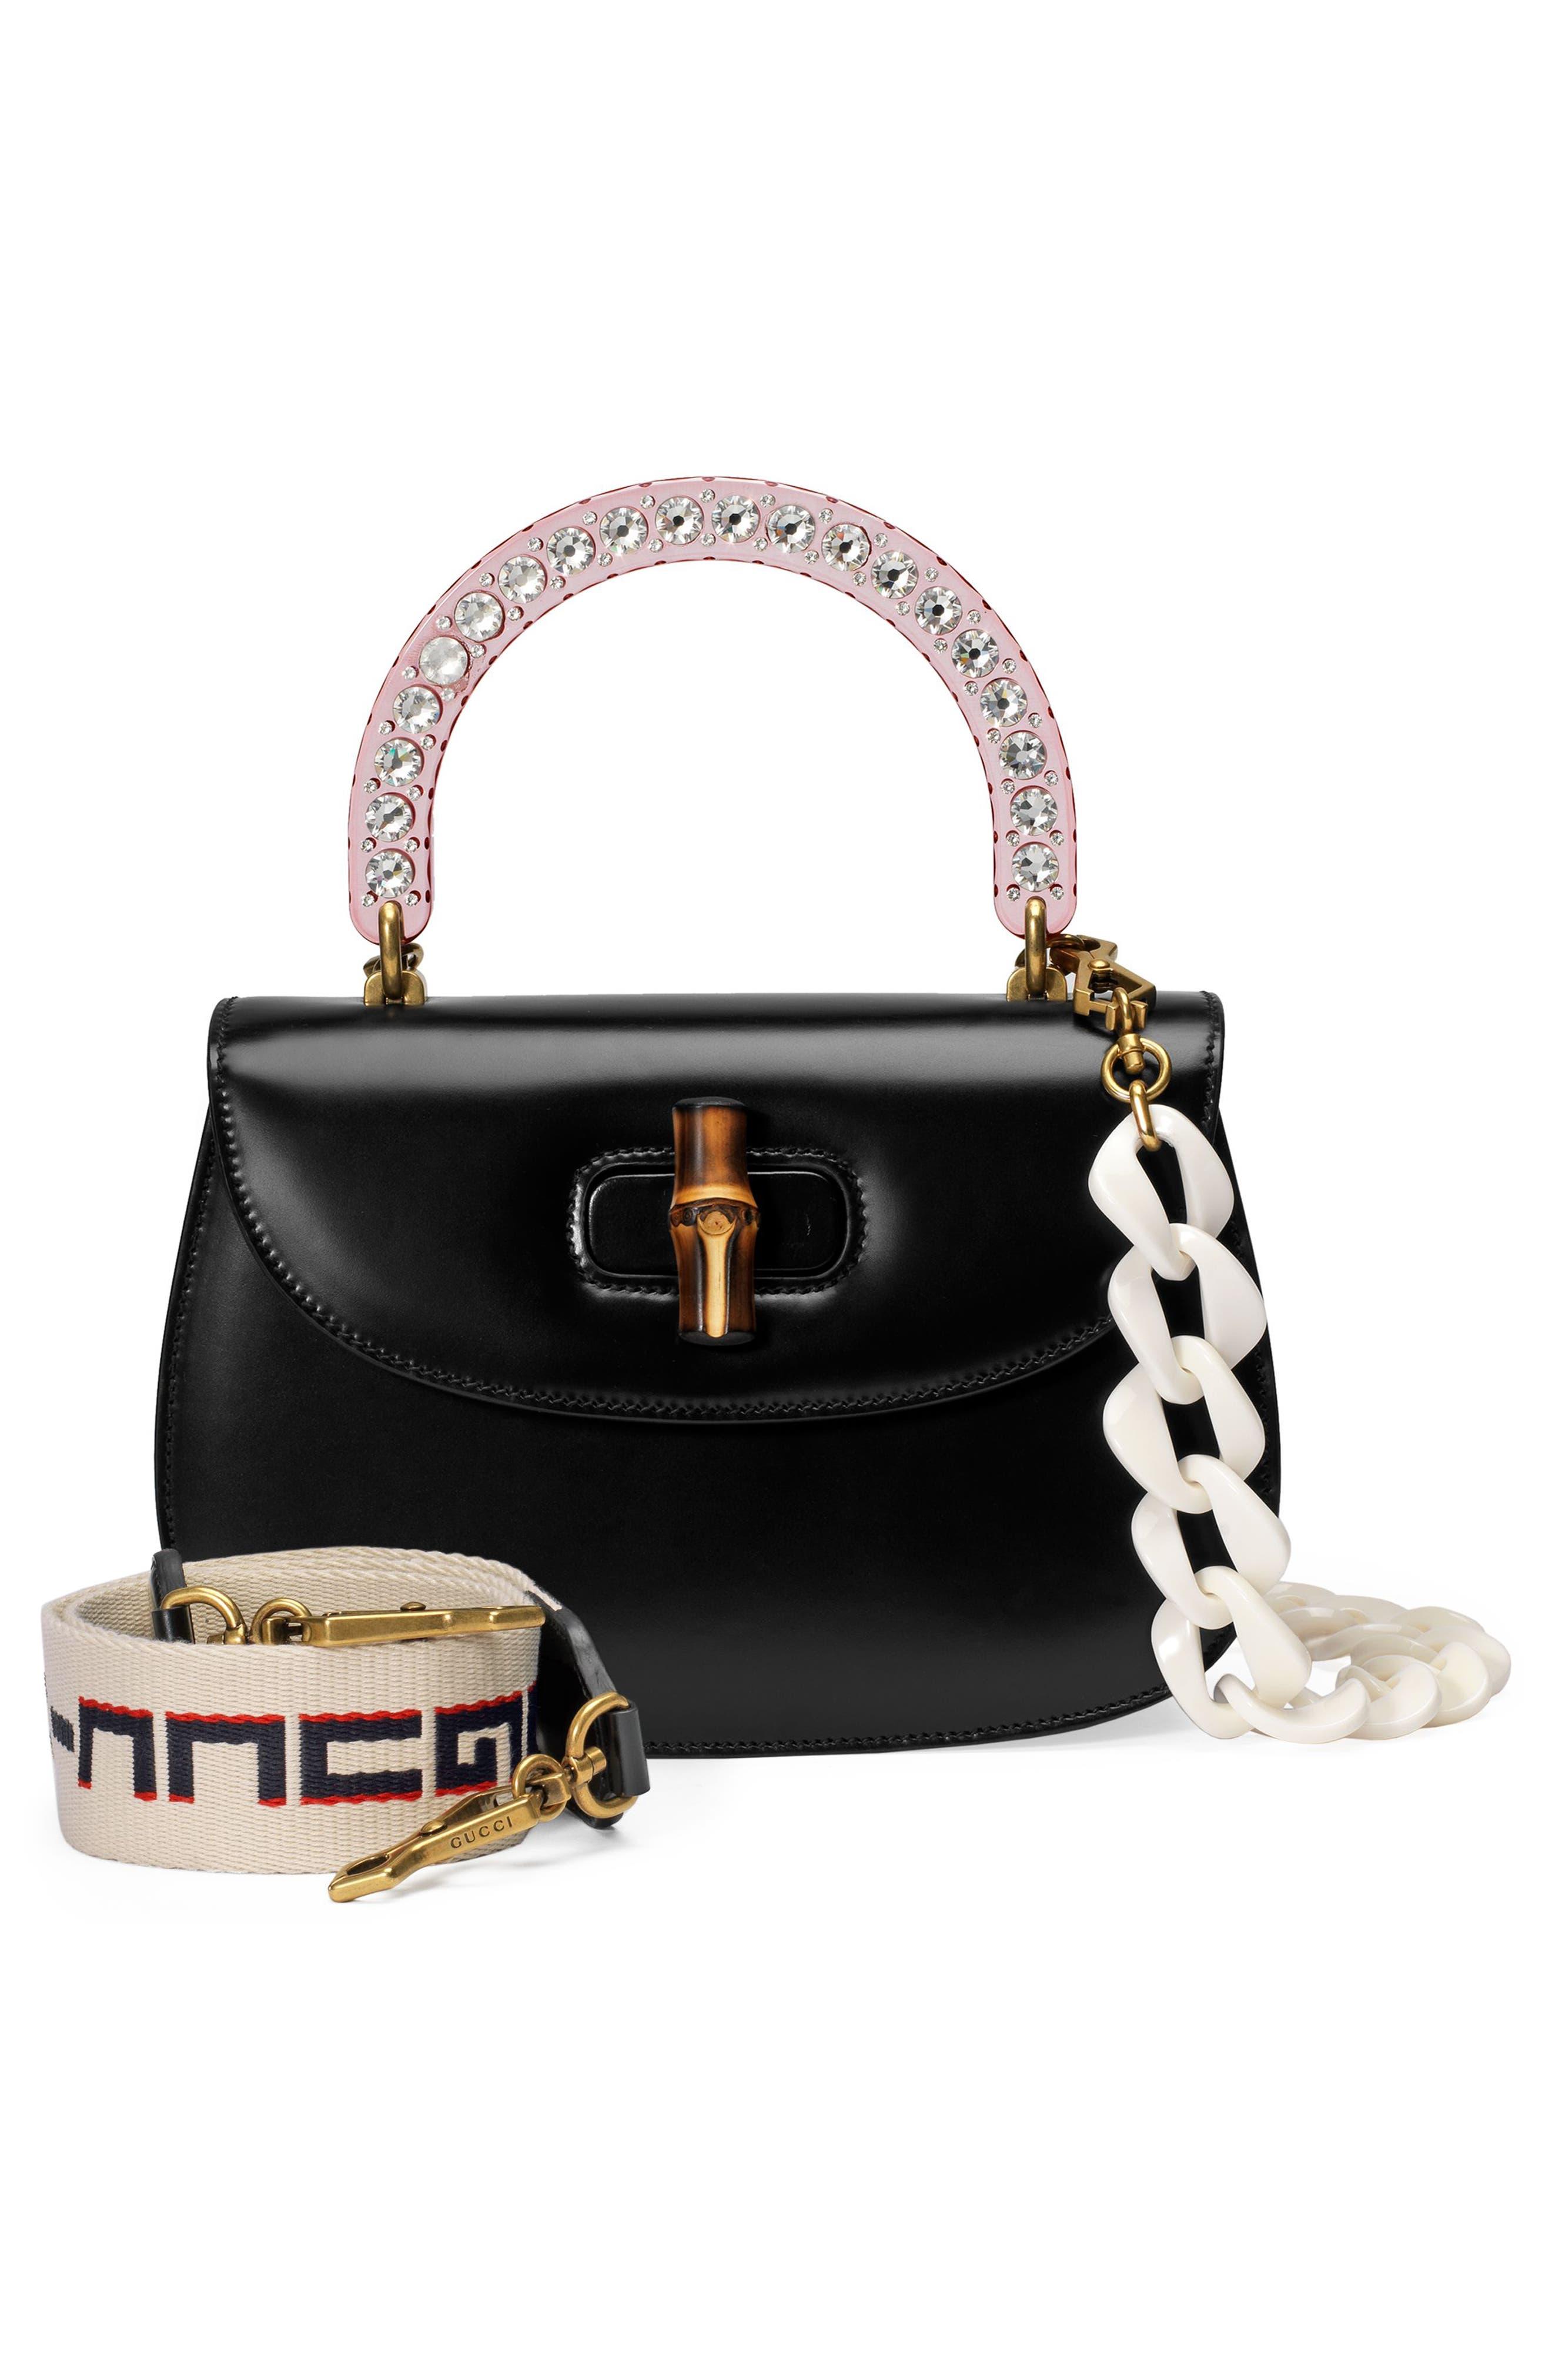 Medium Classic 2 Top Handle Shoulder Bag,                             Alternate thumbnail 4, color,                             NERO/ ROSE CRYSTAL